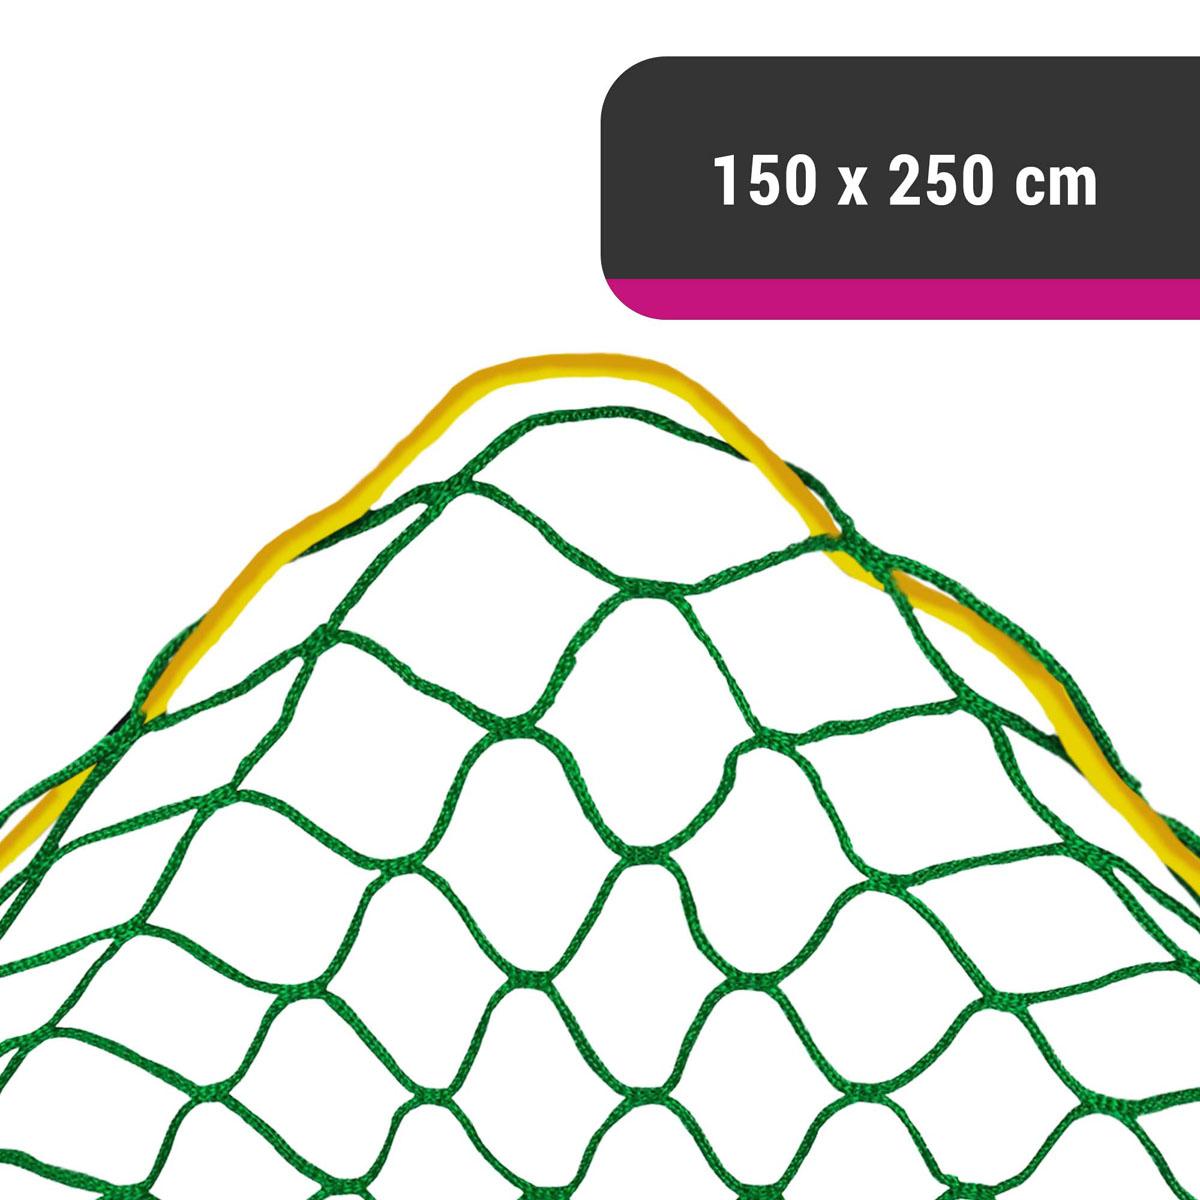 D&W elastisches Gepäcknetz für Anhänger 150 x 250 cm